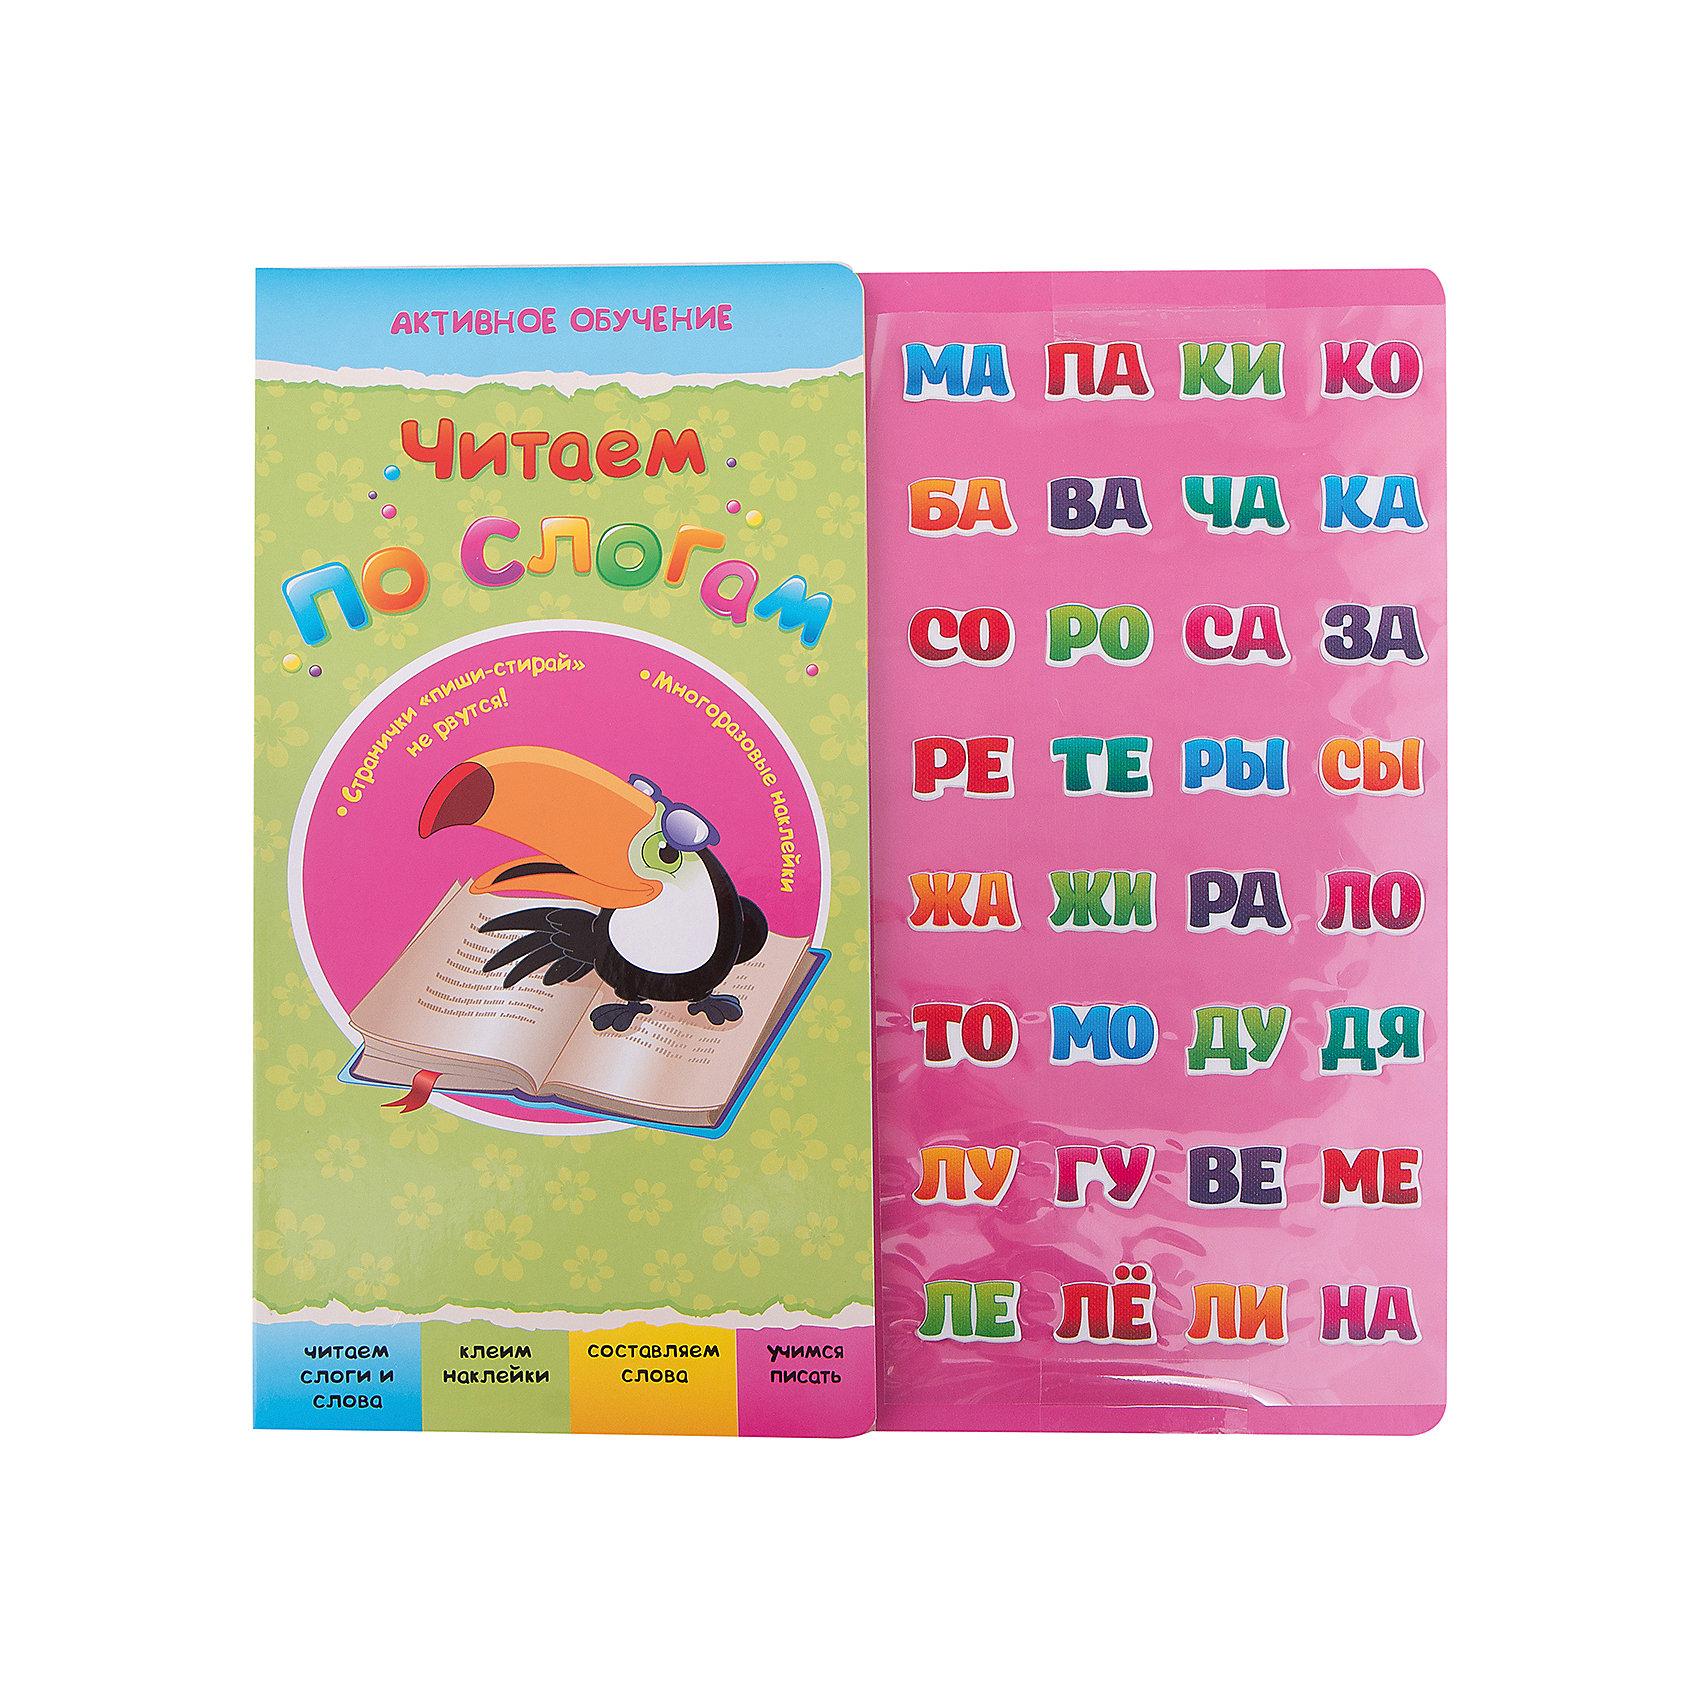 Наклейки Читаем по слогам, Ю. ЮгаАзбуки<br>Читаем по слогам, Ю. Юга, наклейки – красочная книга с наклейками серии «Активное обучение» в игровой форме научит малыша читать по слогам.<br>Ты уже учишься читать? Вот молодец! В этой книге тебя ждут многоразовые яркие наклейки-слоги. Приклеивай наклейки, составляй слова, читай слоги и слова, учись писать! С помощью наклеек-слогов ты сможешь научиться составлять много разных слов. Страницы книги «пиши-стирай» не рвутся! Ты можешь писать слова фломастером, стирать тряпочкой и писать снова!<br><br>Дополнительная информация:<br><br>- Автор: Юга Юлия<br>- Издательство: Феникс-Премьер, 2014 г.<br>- Серия: Активное обучение<br>- Тип обложки: картон<br>- Оформление: вырубка, с наклейками<br>- Иллюстрации: цветные<br>- Количество страниц: 18 (картон)<br>- Размер: 400x360x12 мм.<br>- Вес: 480 гр.<br><br>Книгу Читаем по слогам, Ю. Юга, наклейки можно купить в нашем интернет-магазине.<br><br>Ширина мм: 339<br>Глубина мм: 11<br>Высота мм: 339<br>Вес г: 123<br>Возраст от месяцев: 36<br>Возраст до месяцев: 60<br>Пол: Унисекс<br>Возраст: Детский<br>SKU: 4637798